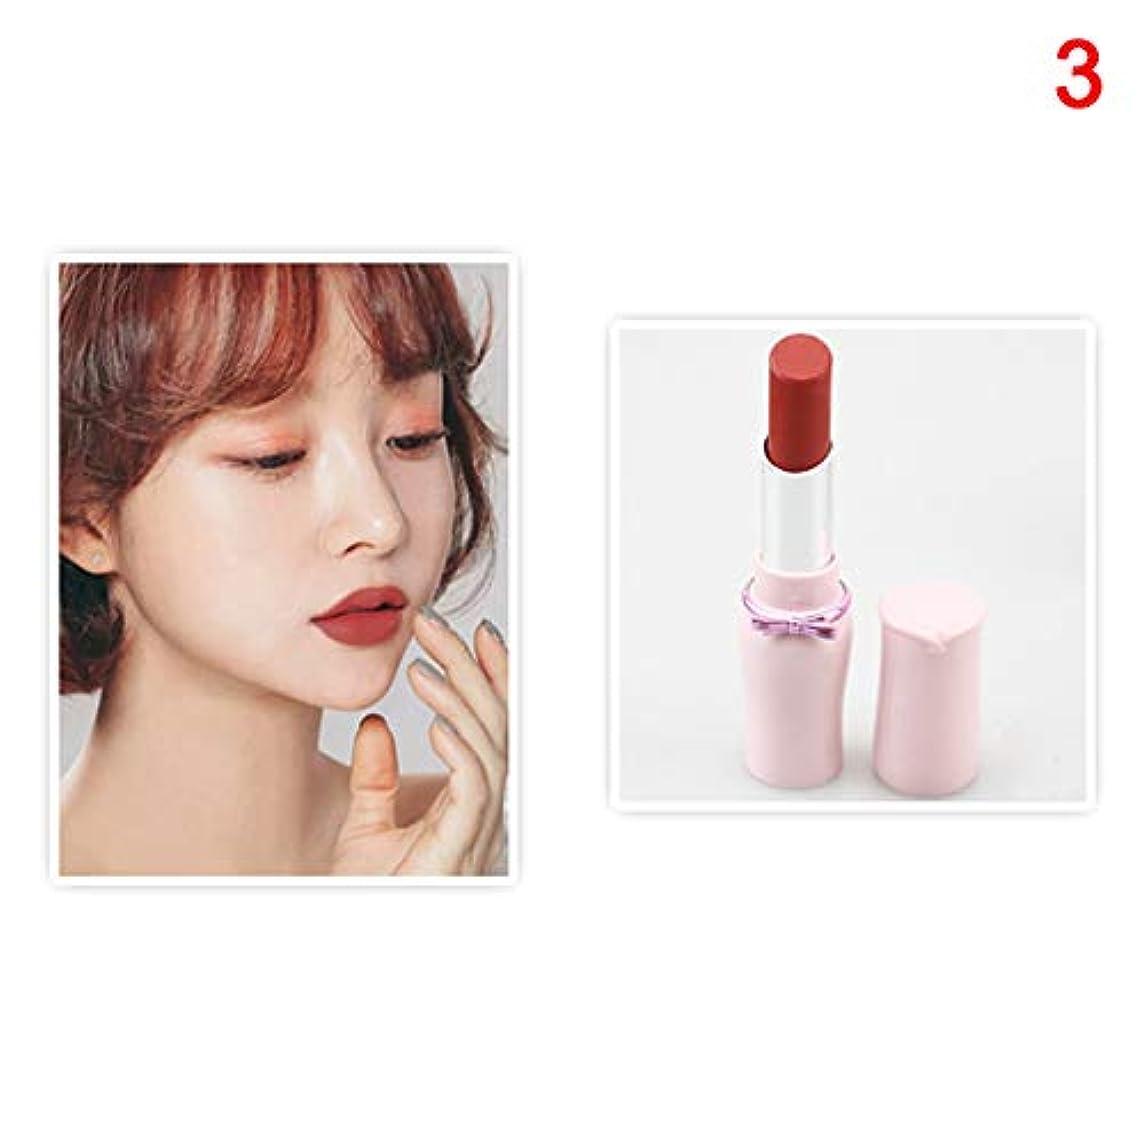 Symboat 口紅 落ちにくい 保湿 長持ち 化粧品 ファッション 女性 韓国 リップスティック マット 恋する唇 ランキング 絶妙な贈り物